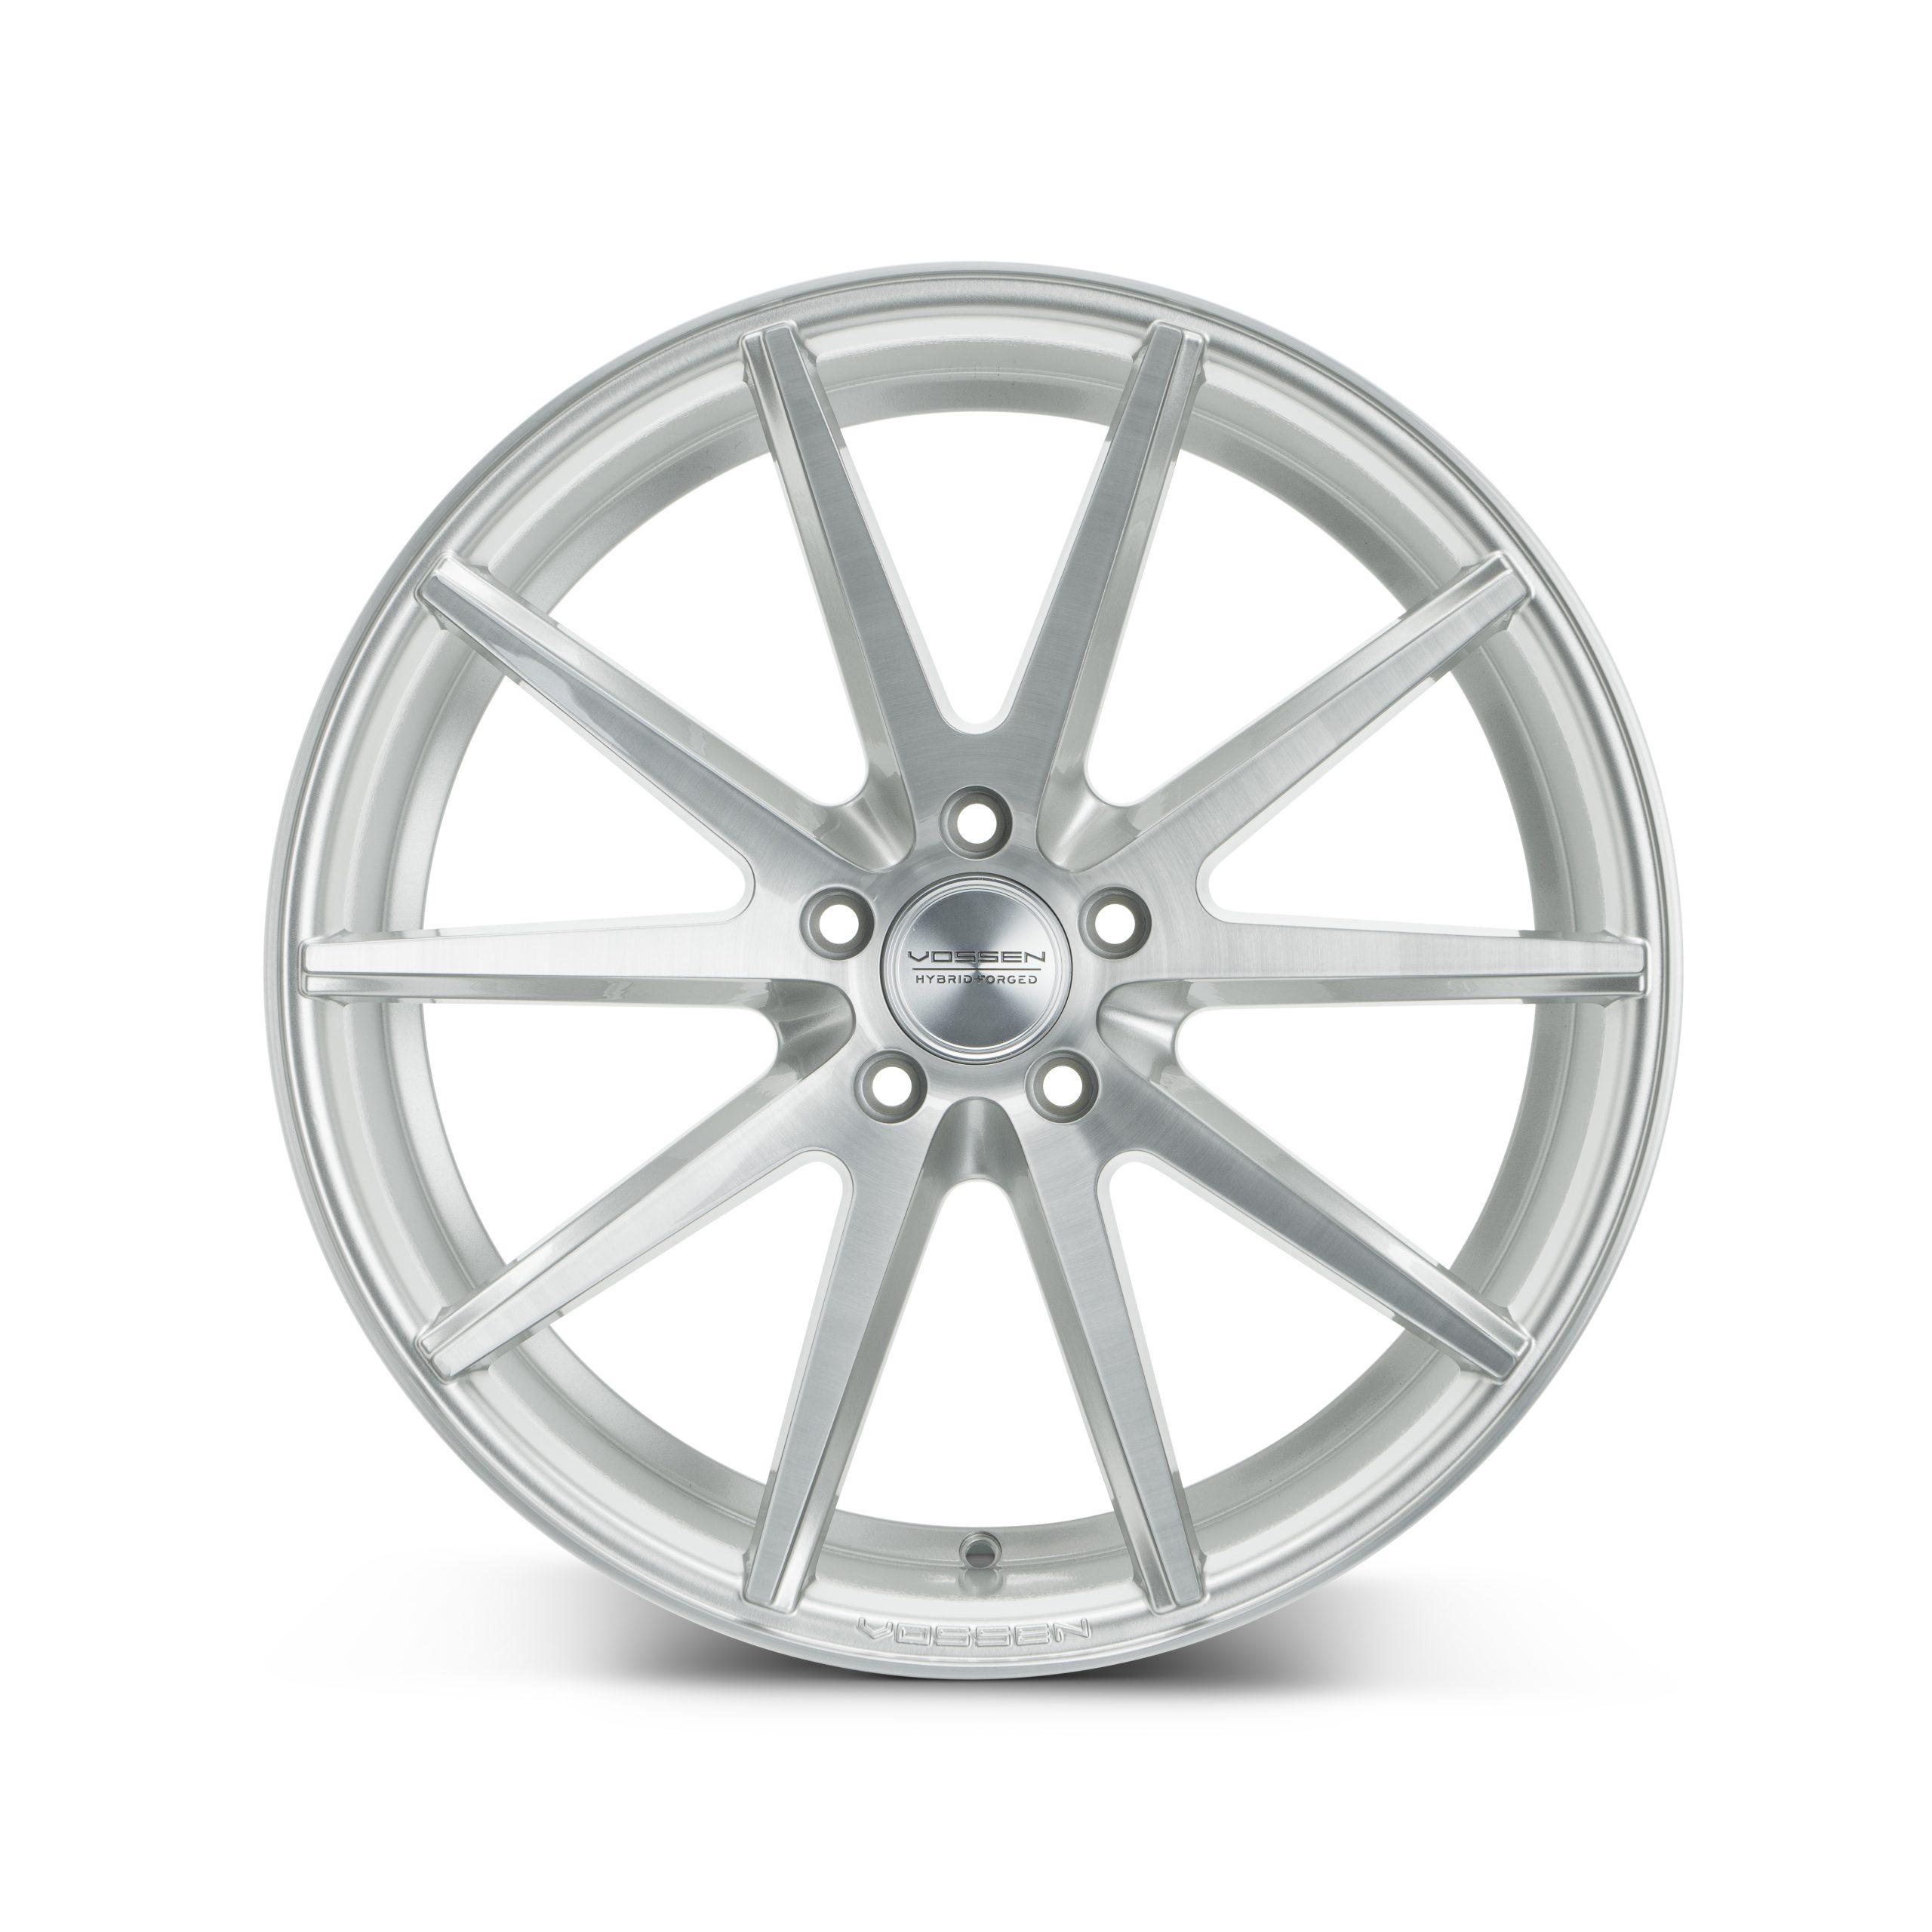 Vossen Wheels VFS-1